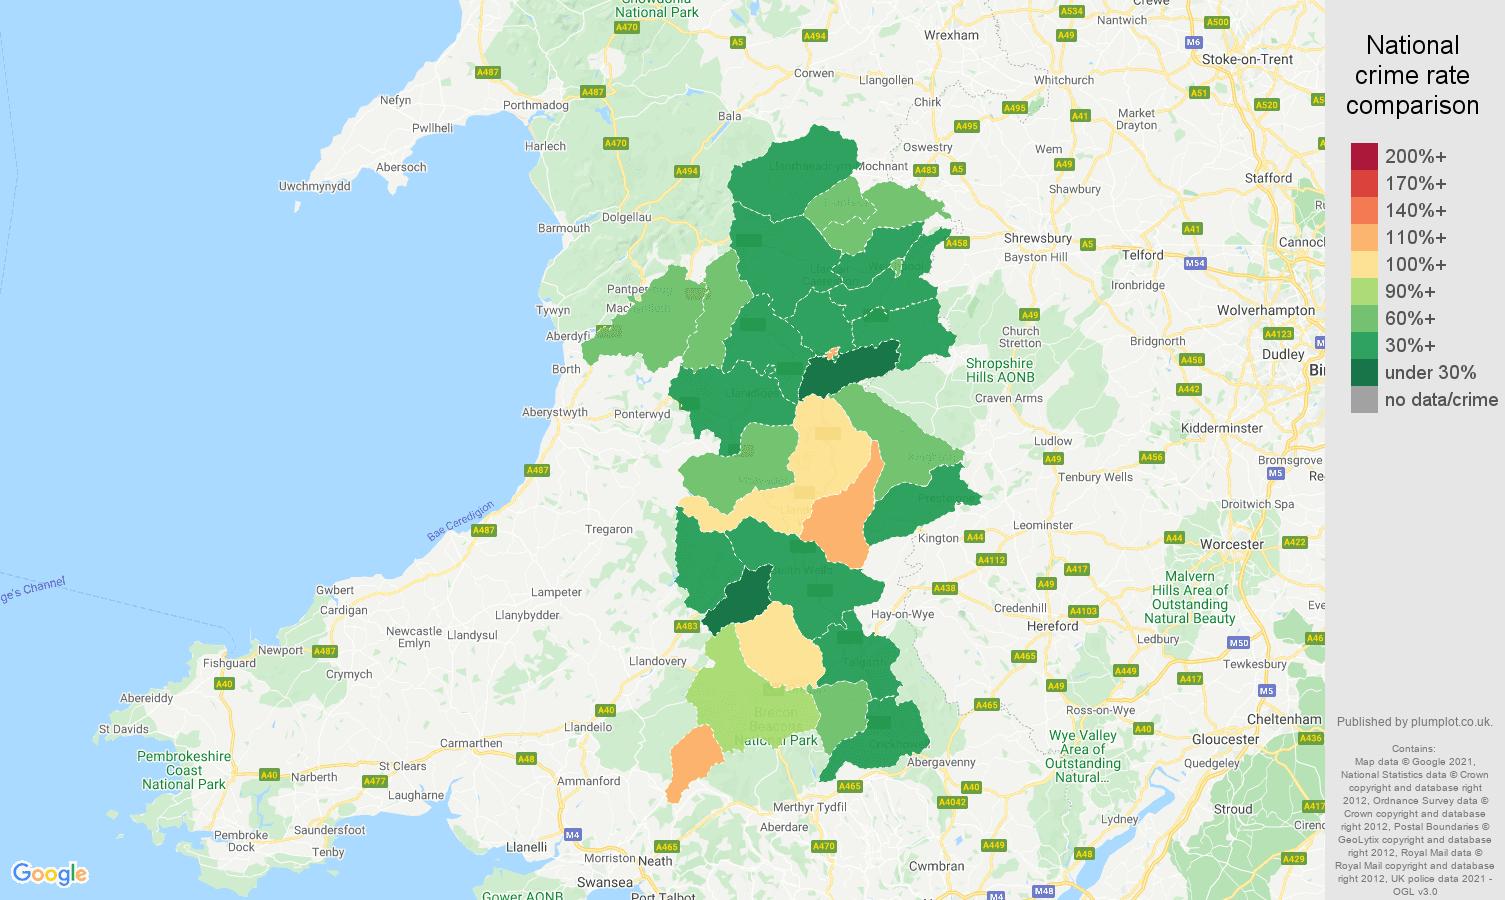 Powys violent crime rate comparison map